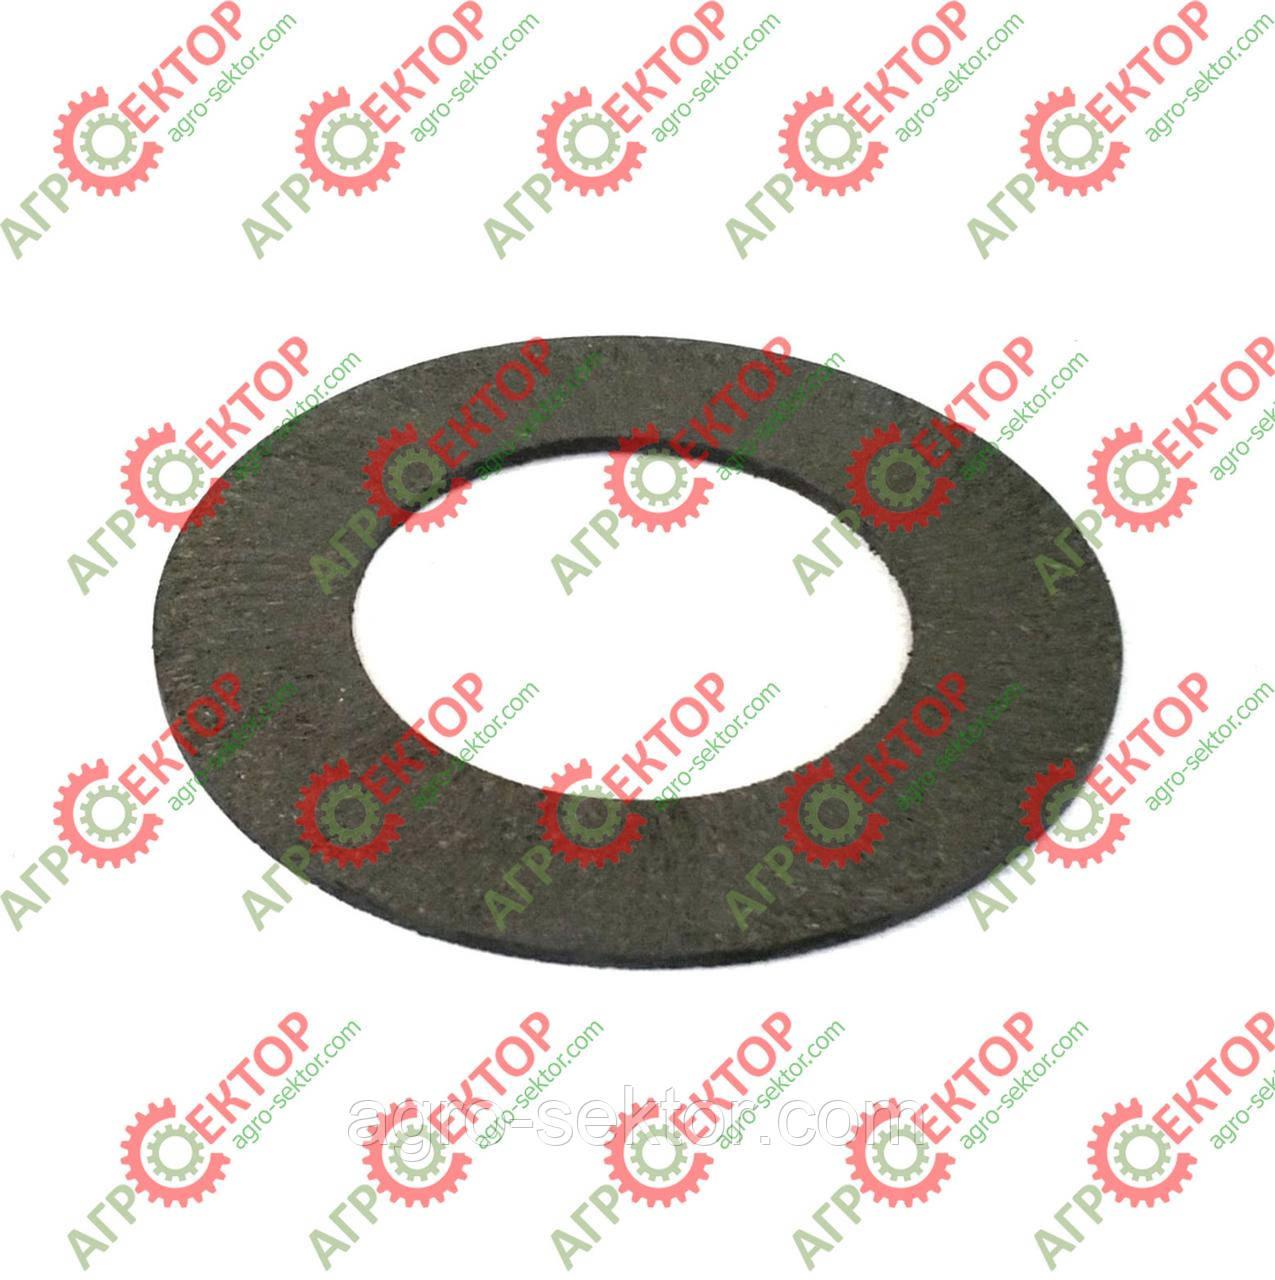 Фрикційний диск муфти підбирача на прес-підбирач Deutz-Fahr 1430109110.00